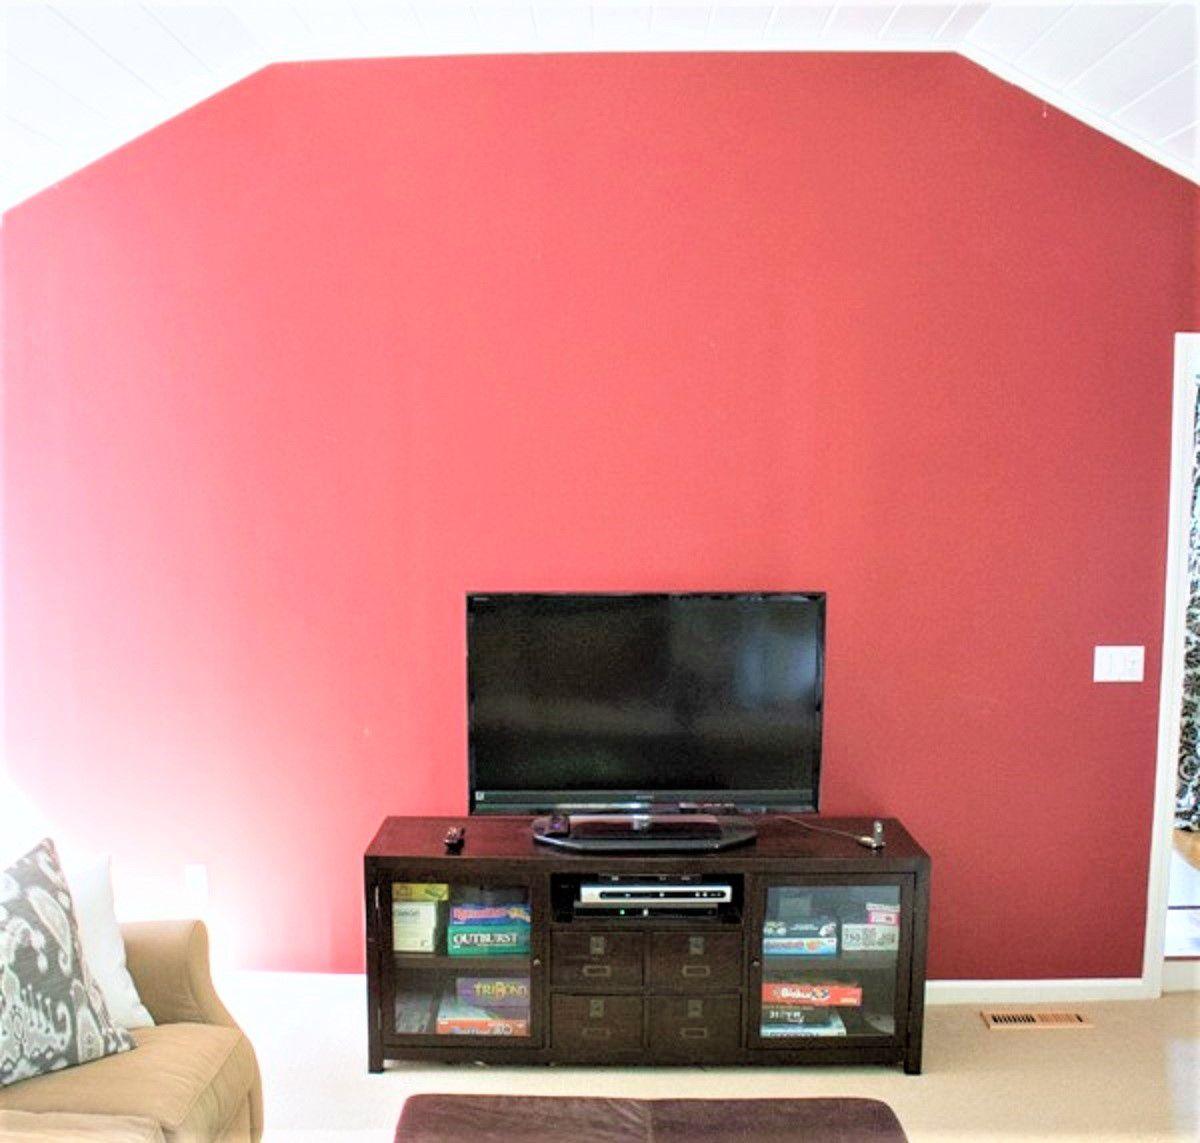 Sala de estar roja con centro de entretenimiento y televisión antes del cambio de imagen